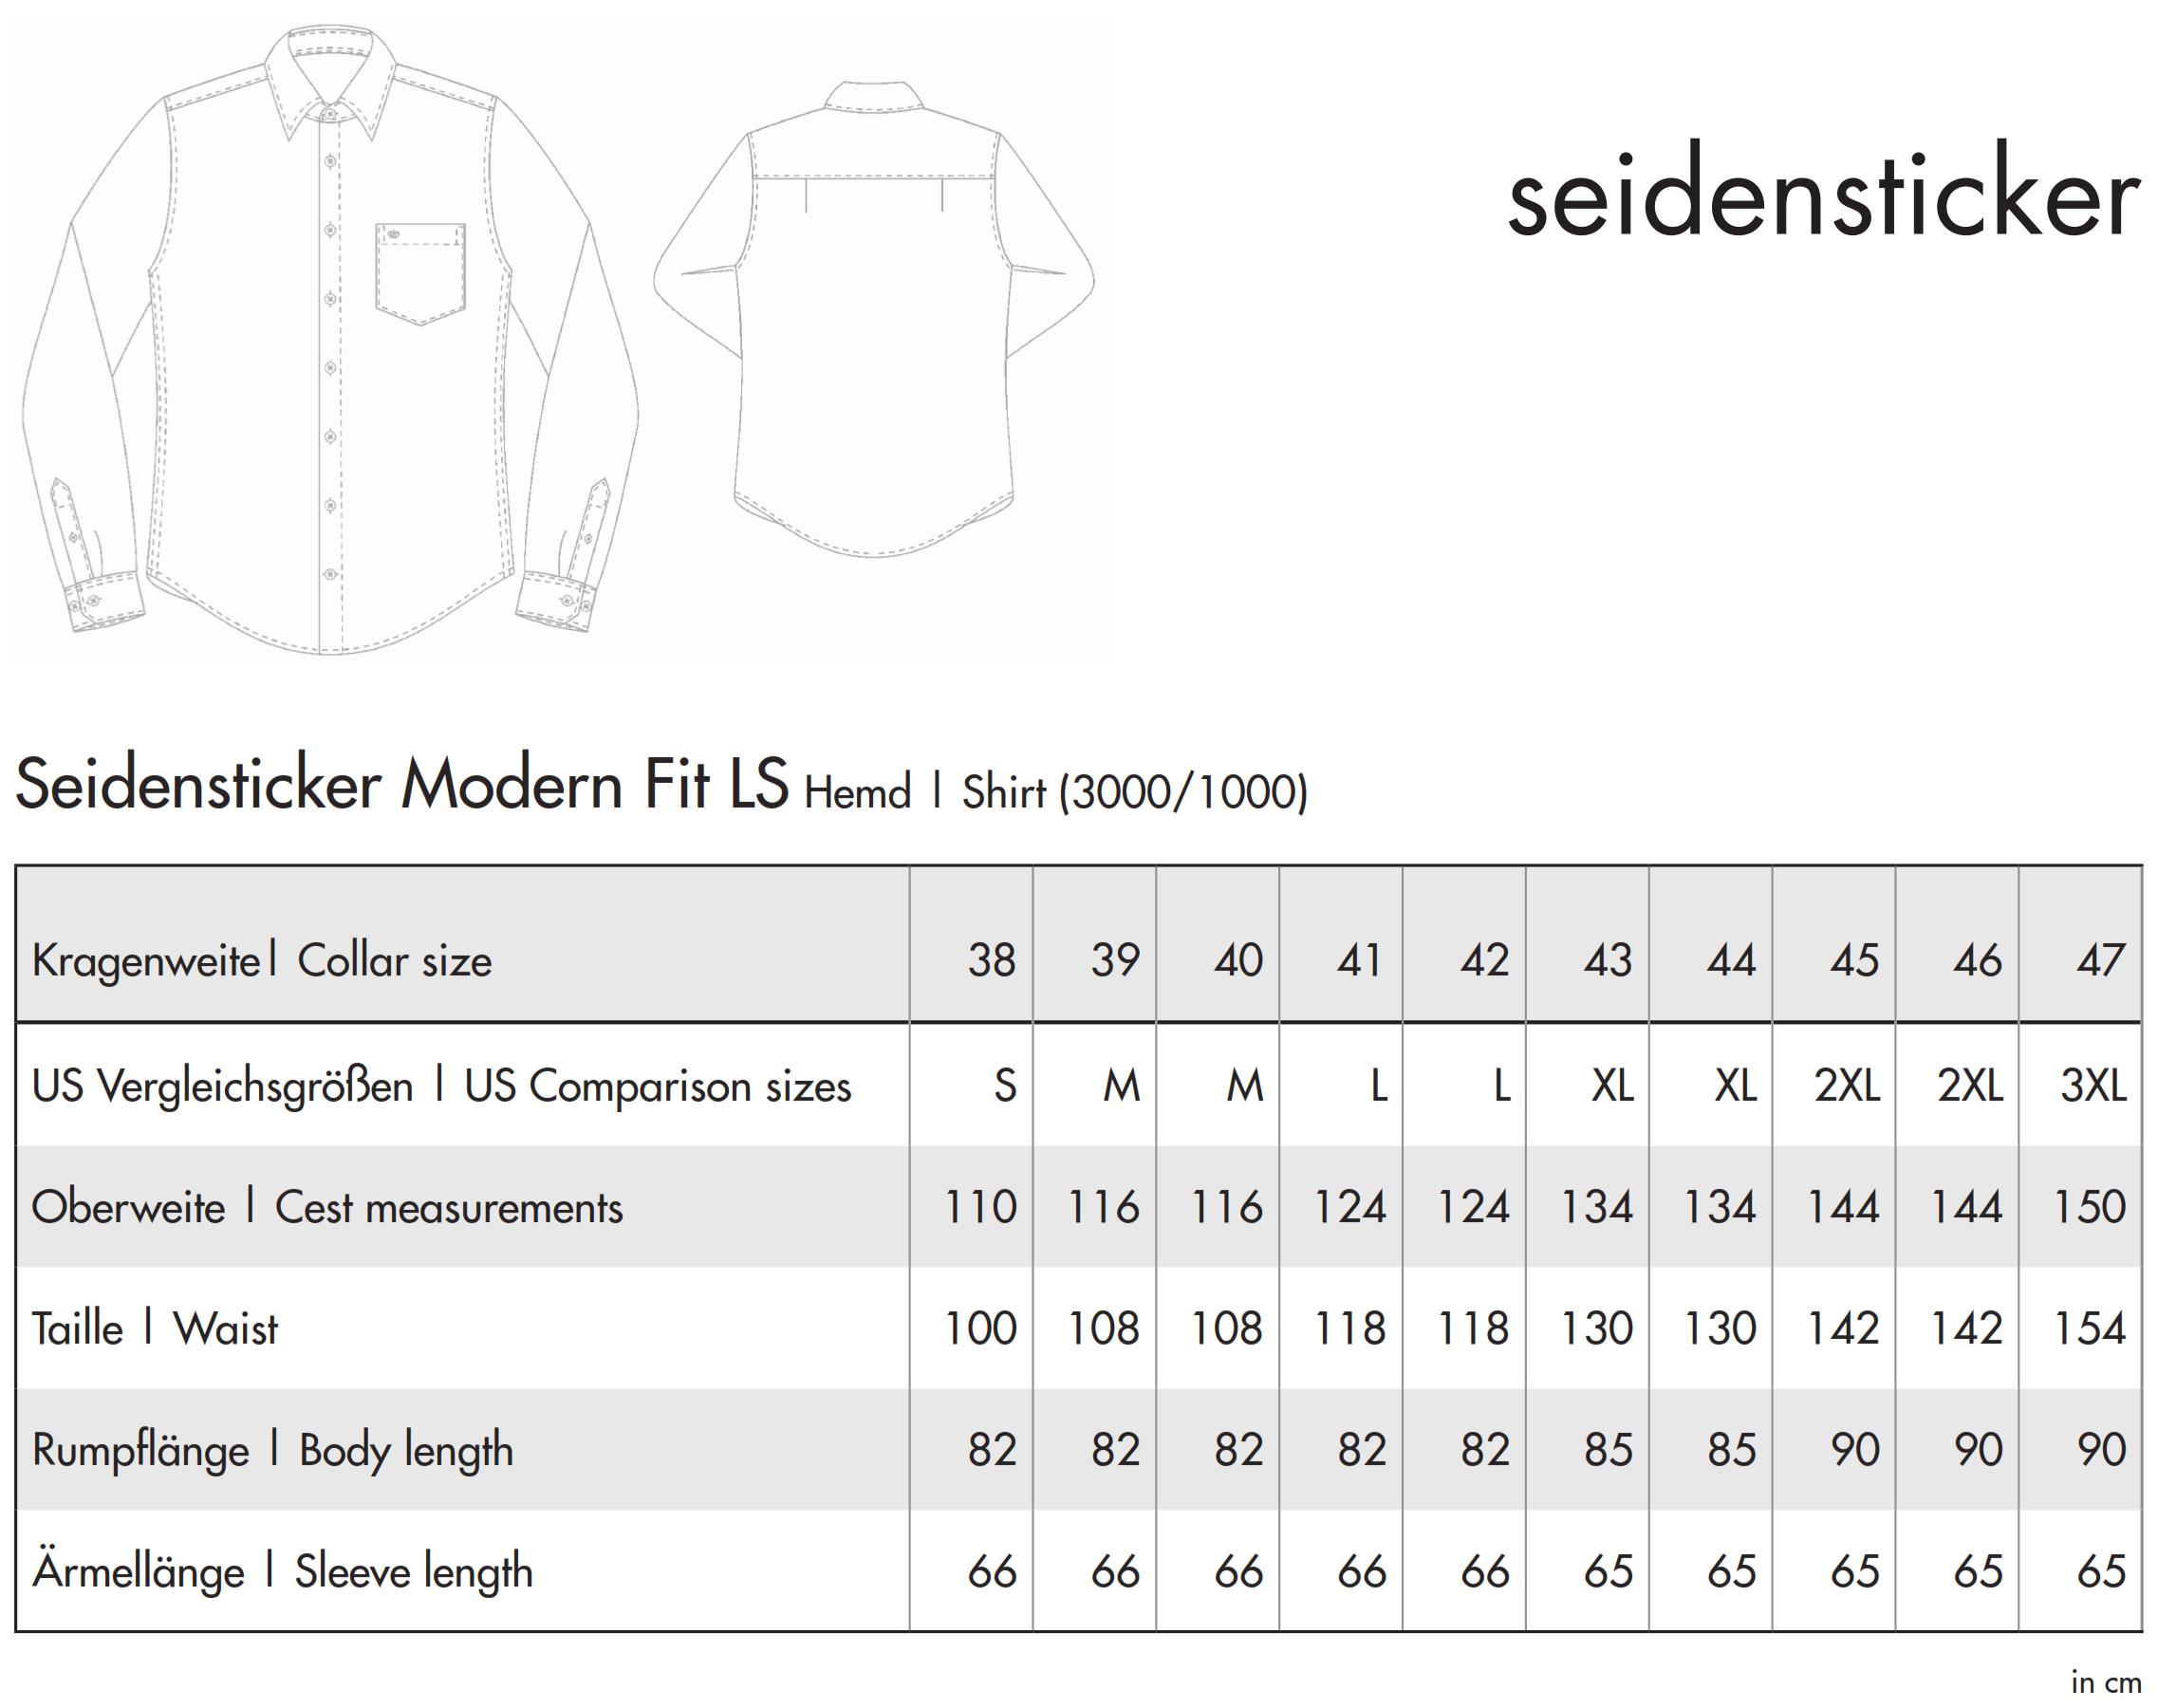 Seidensticker: Regular Fit 1/1 Business Kent 3000/1000